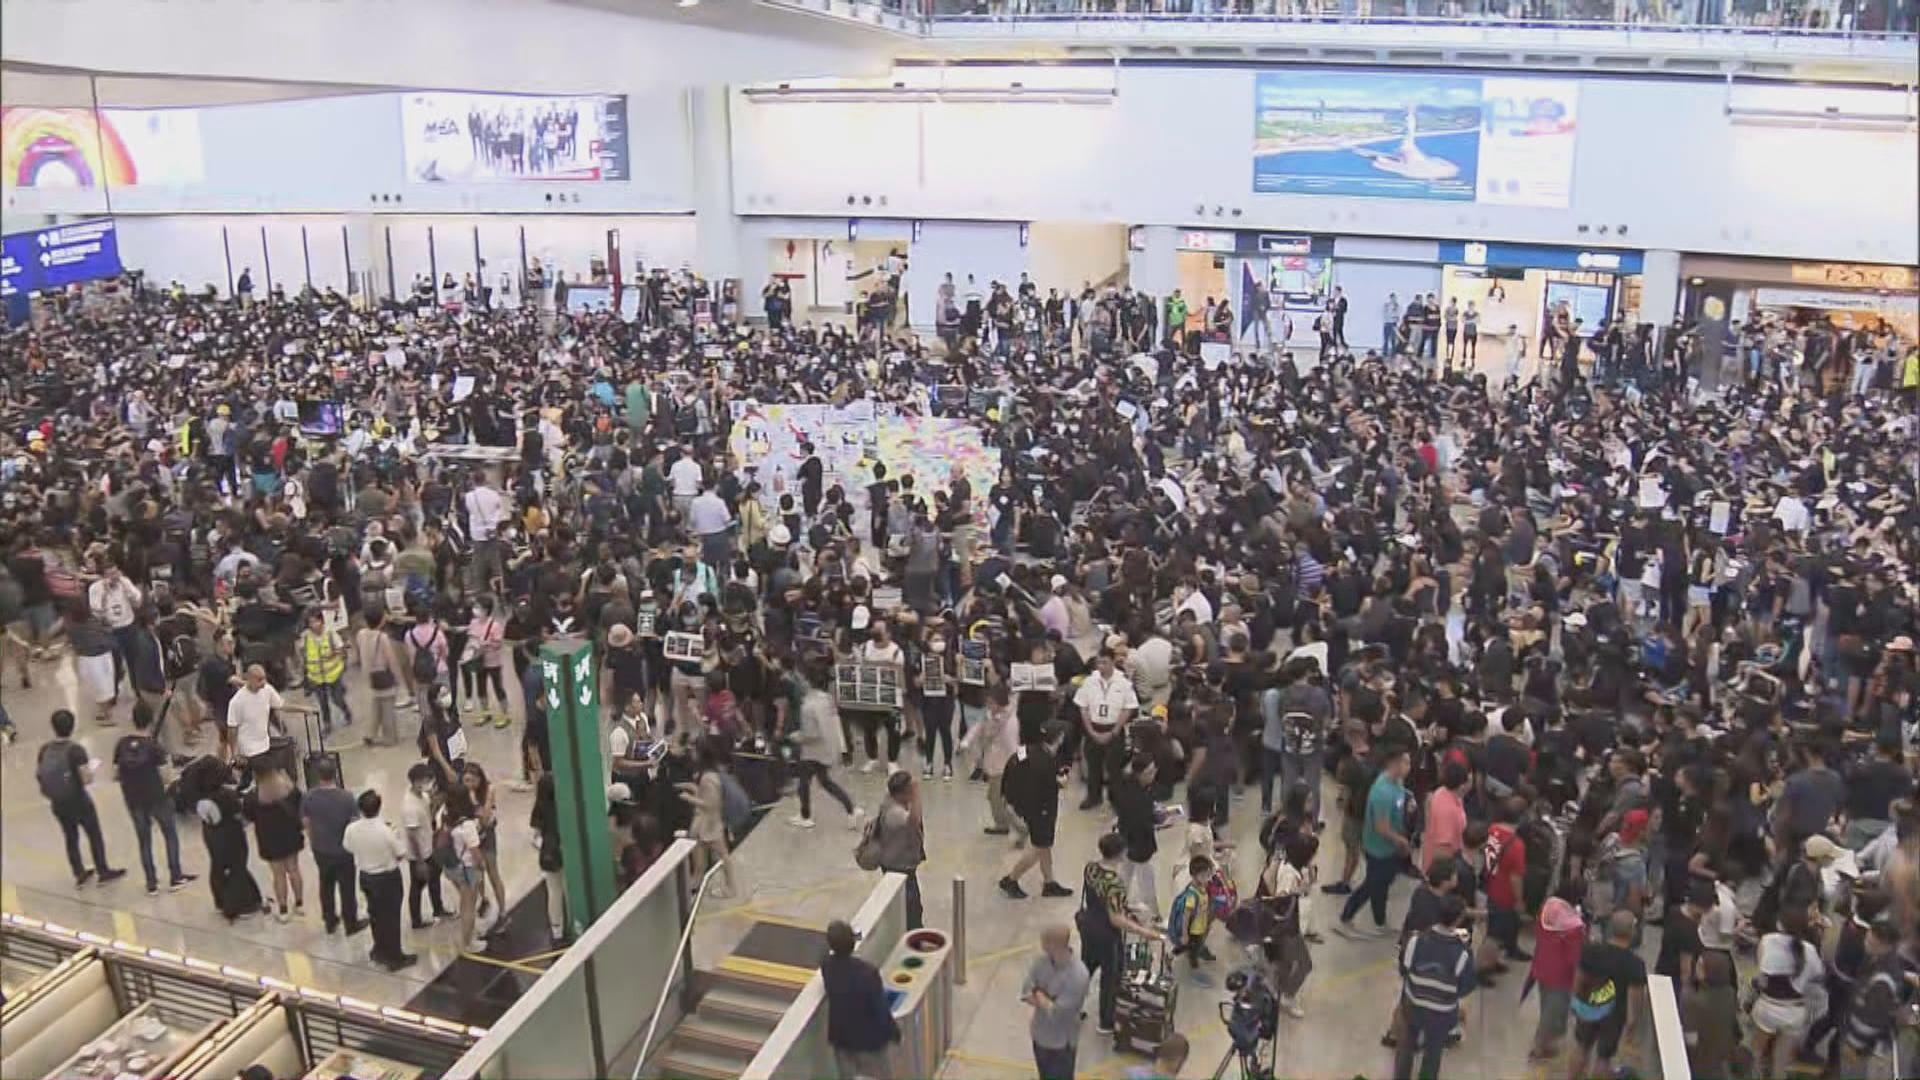 航空業機場反修例集會 逾2500人參與